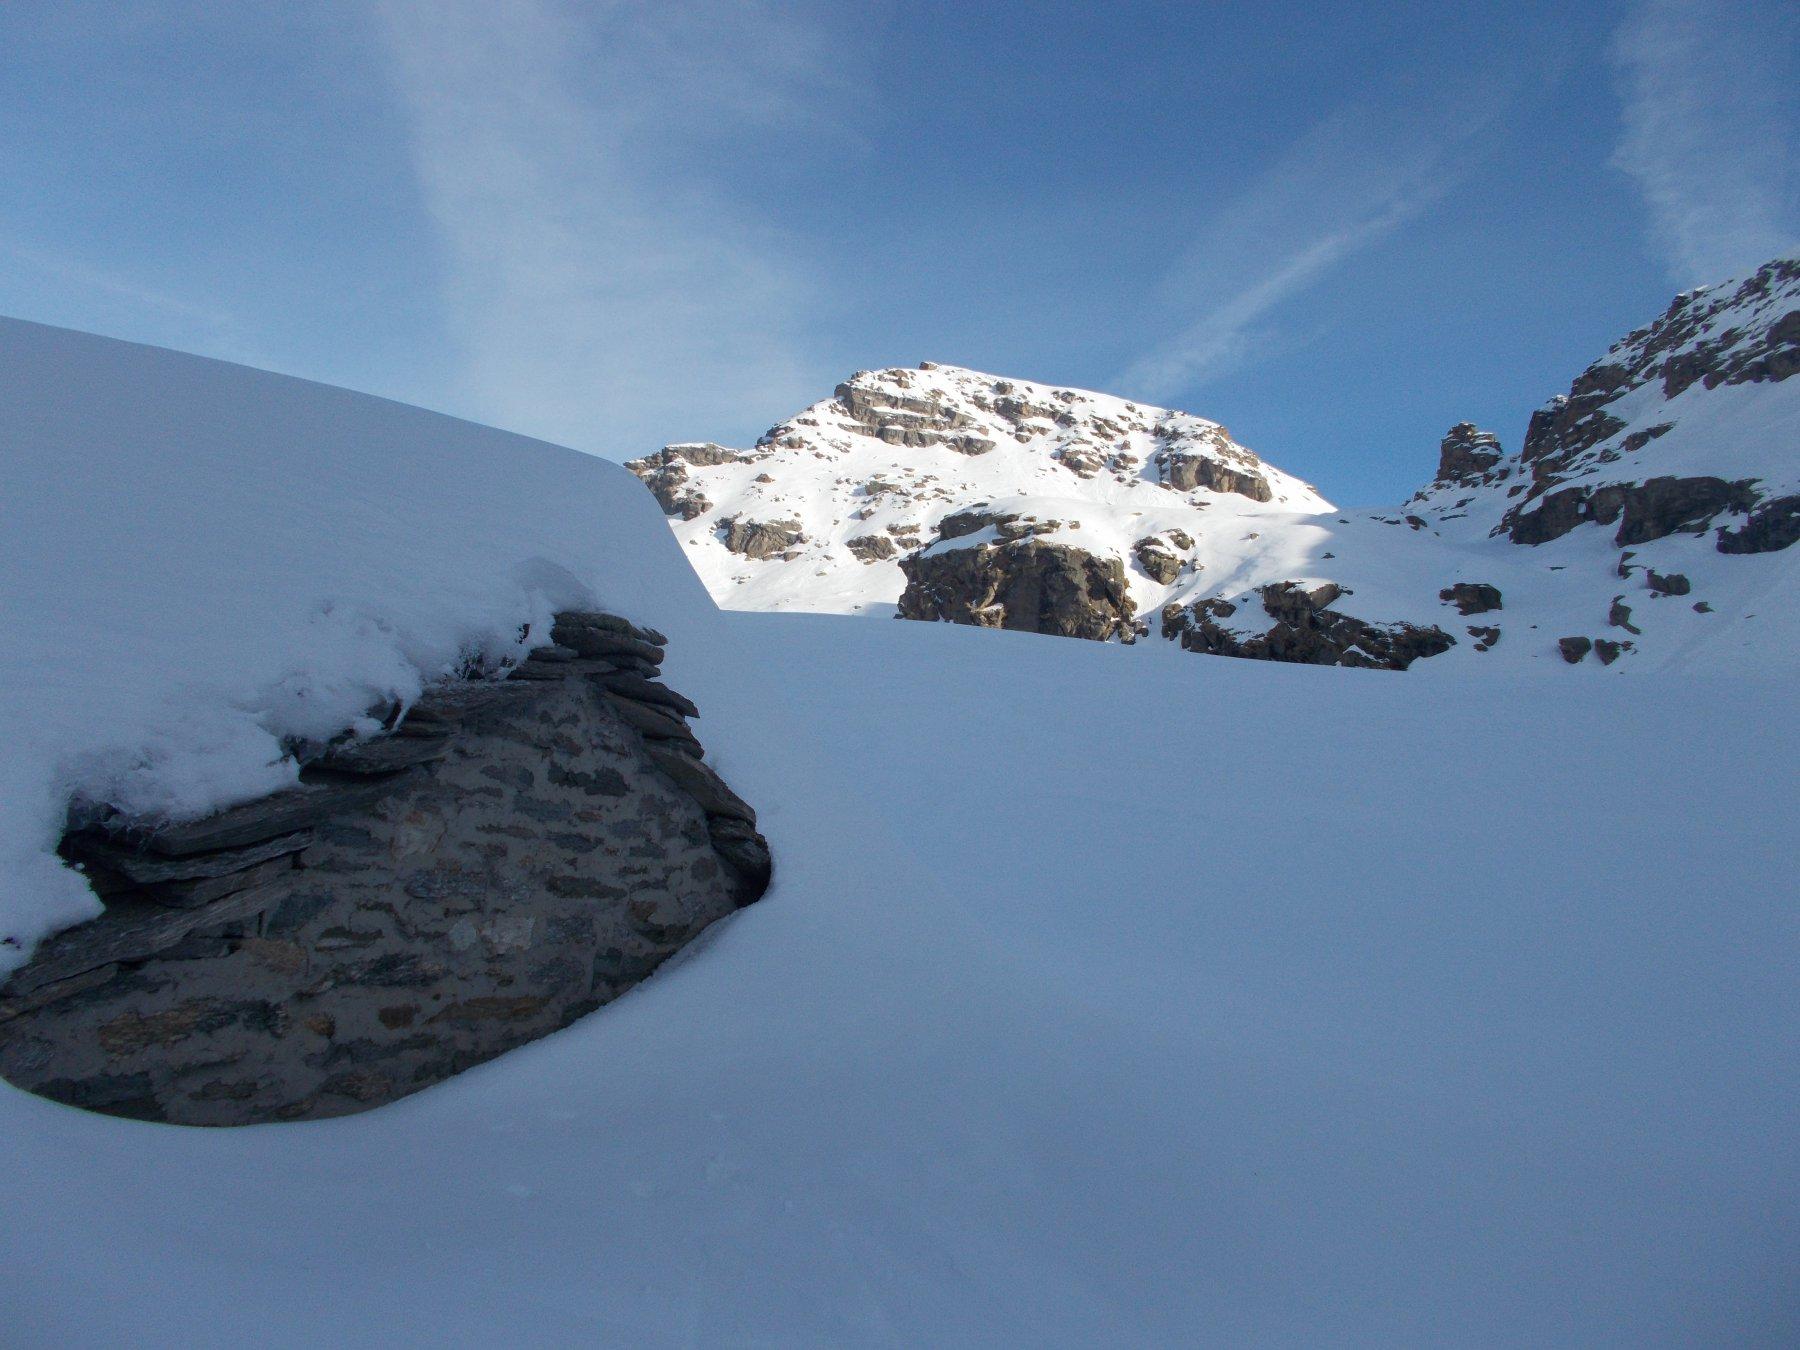 abbondante innevamento alle alpi pian di Lee..di fronte al sole la Giardonera..